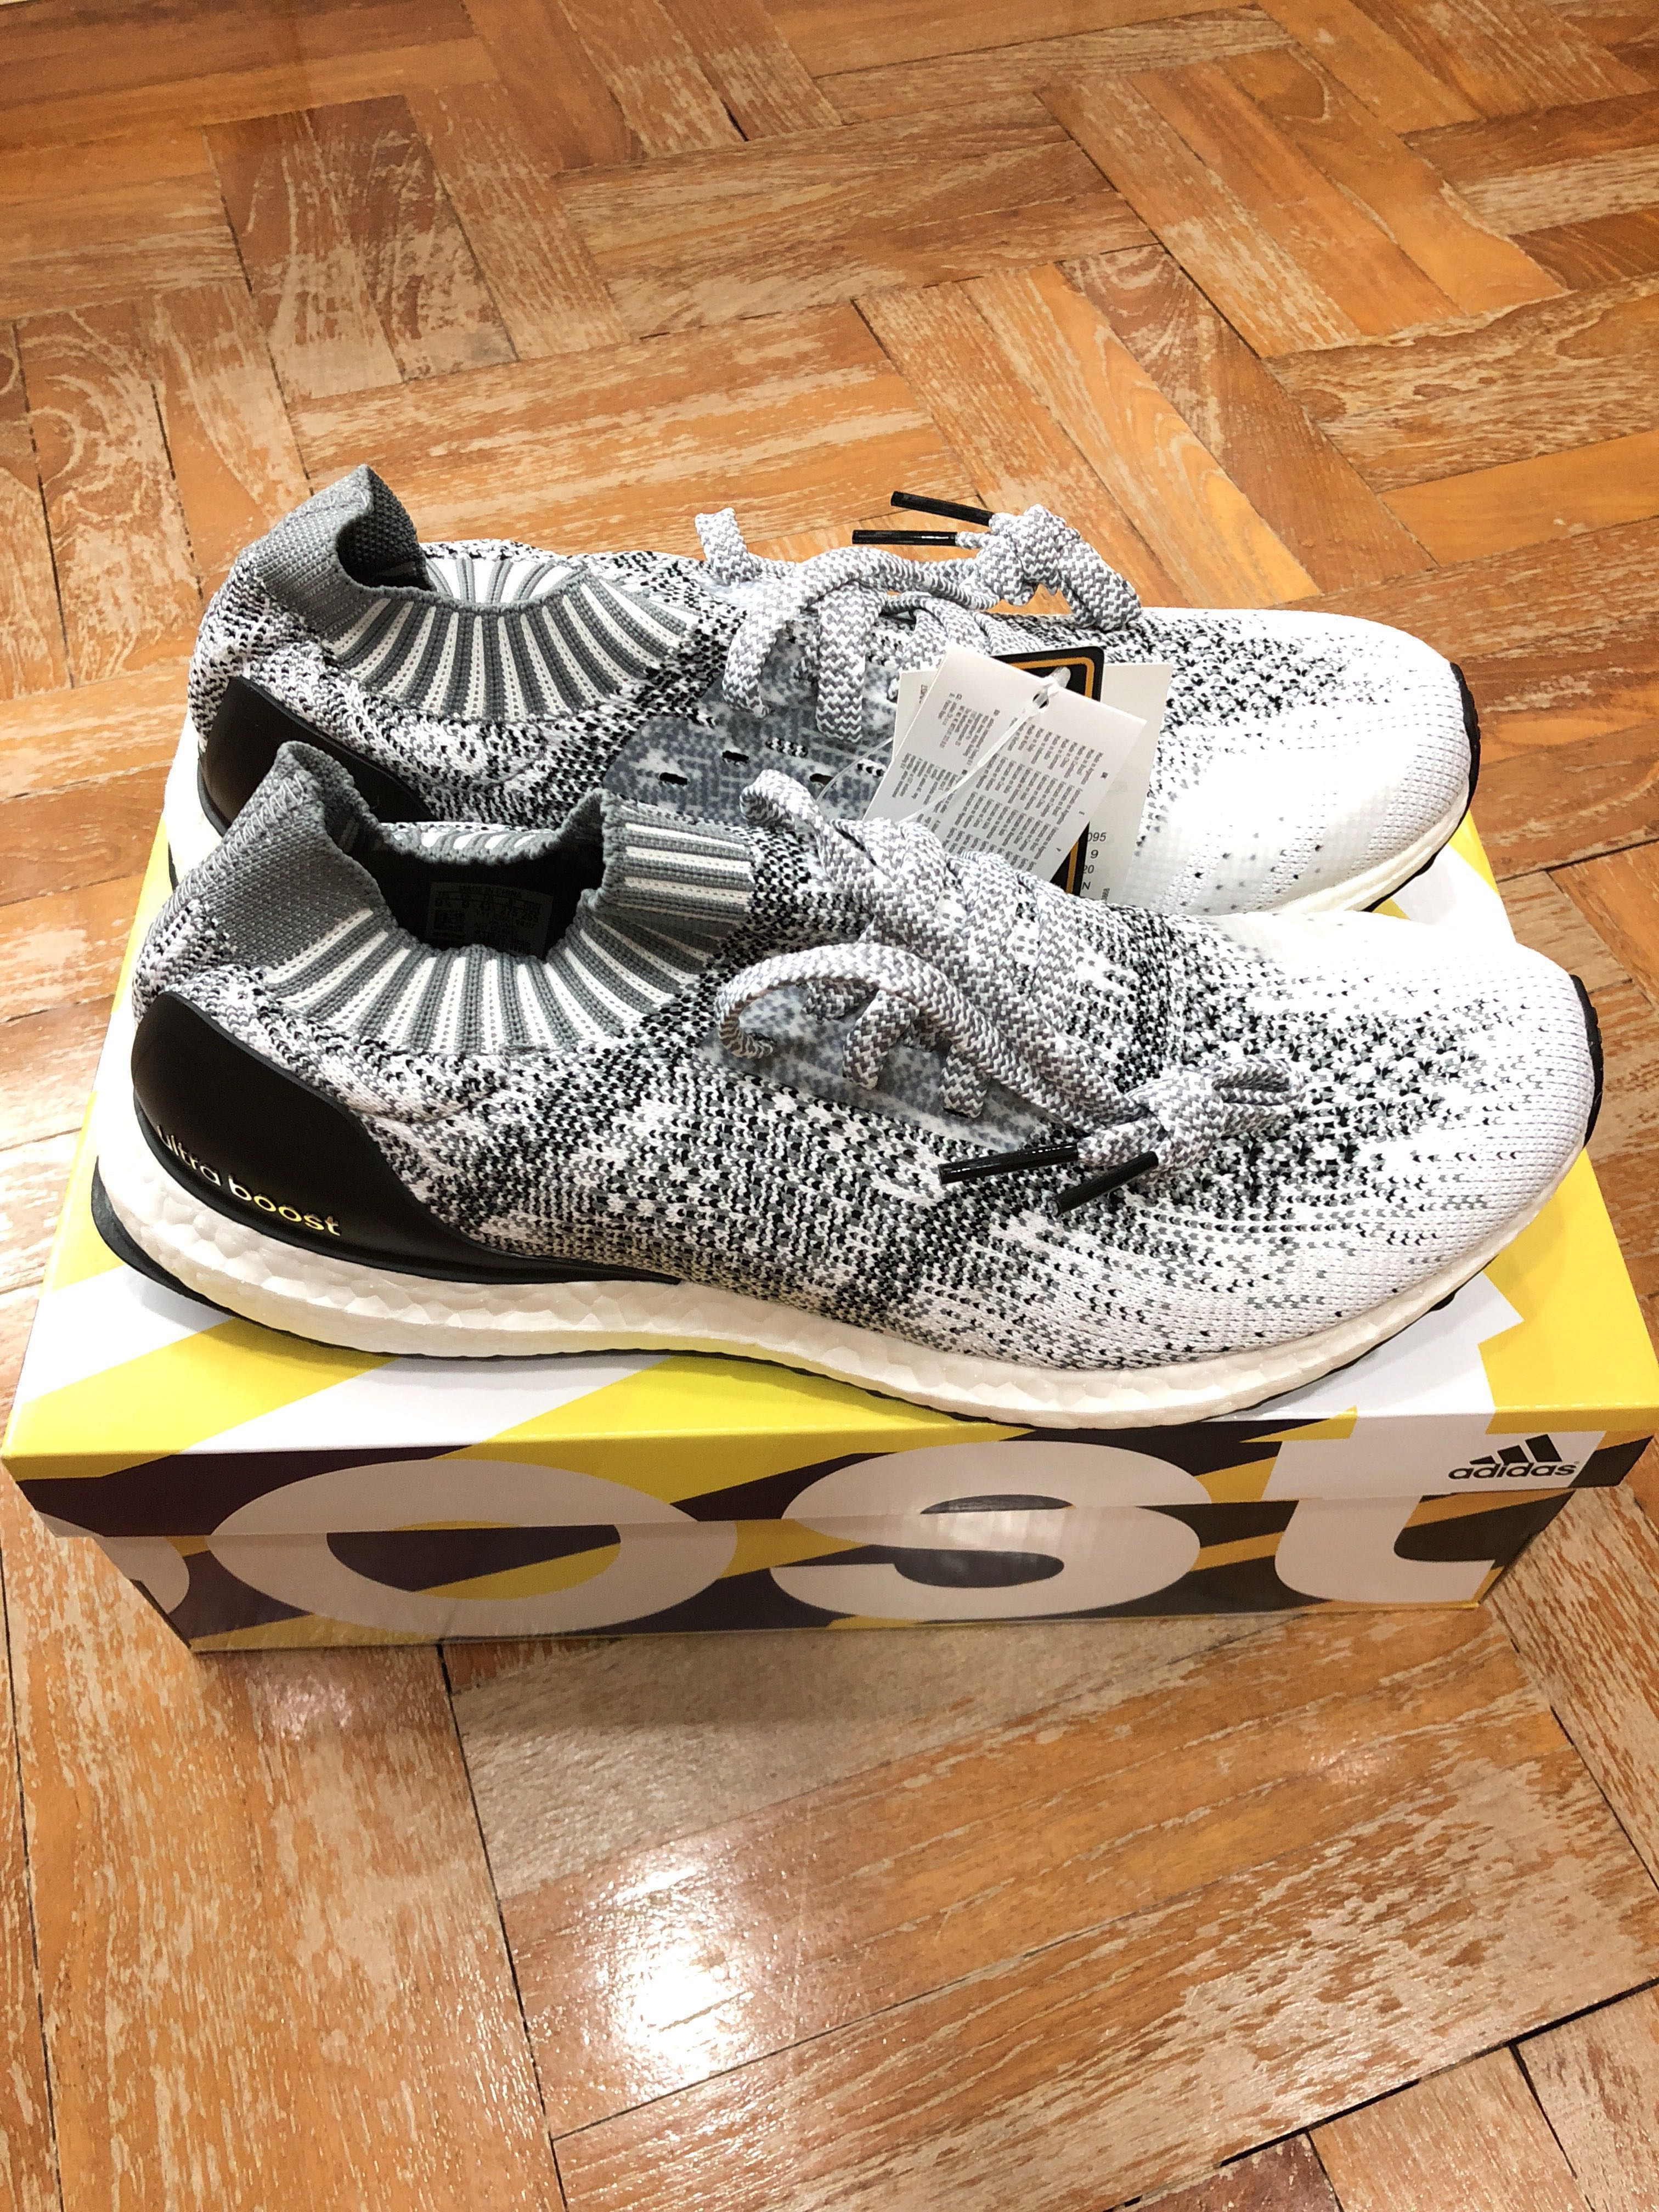 Adidas ultraboost fece uscire bianco grigio oreo, moda maschile, calzature